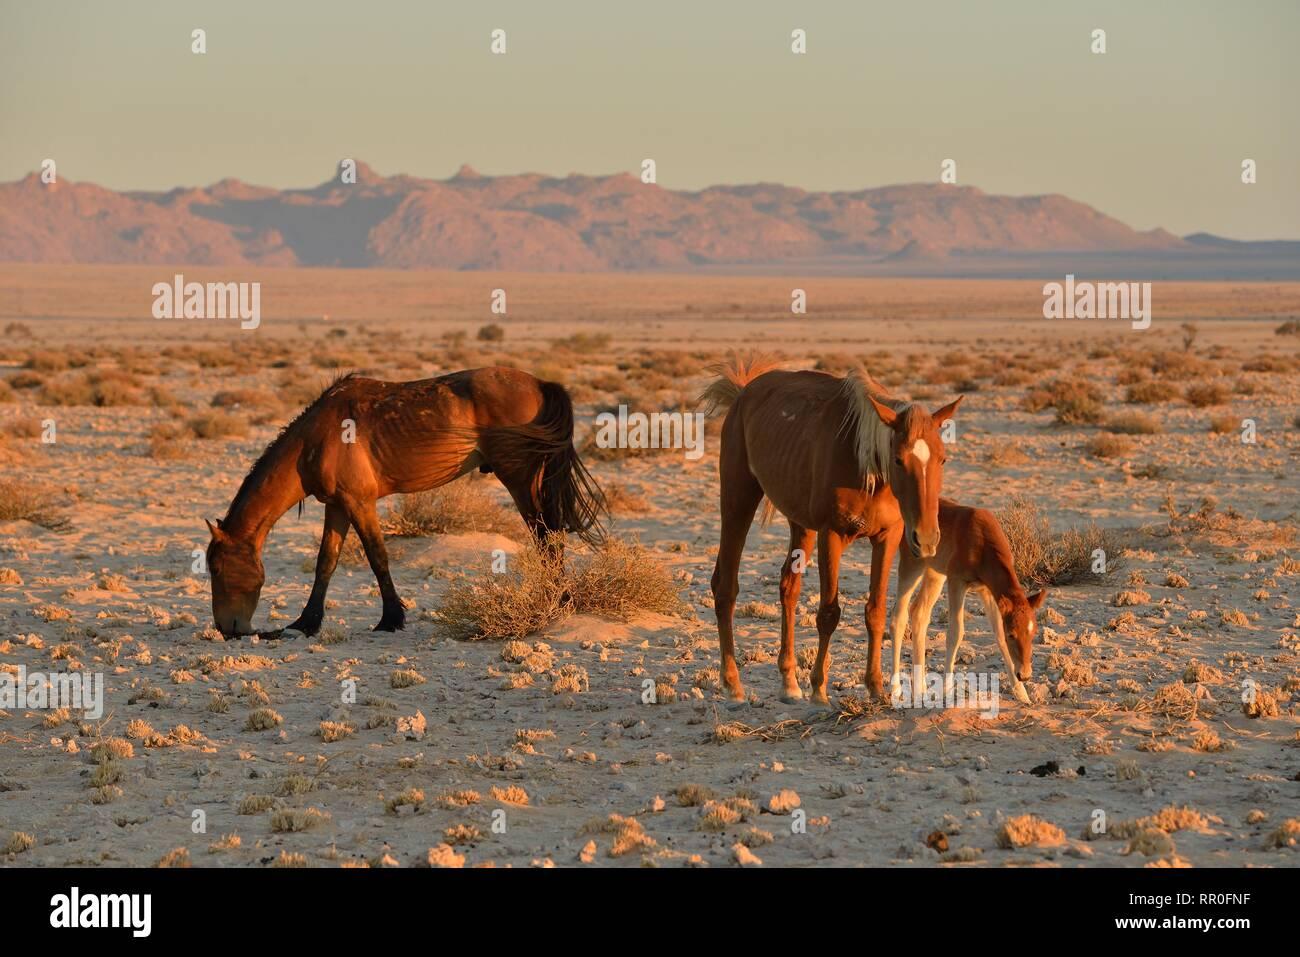 Zoologie, Säugetiere (Mammalia), Namib Desert Horse, namibischen Wild Horse oder Namib (Equus ferus) in der Nähe der, Additional-Rights - Clearance-Info - Not-Available Stockfoto